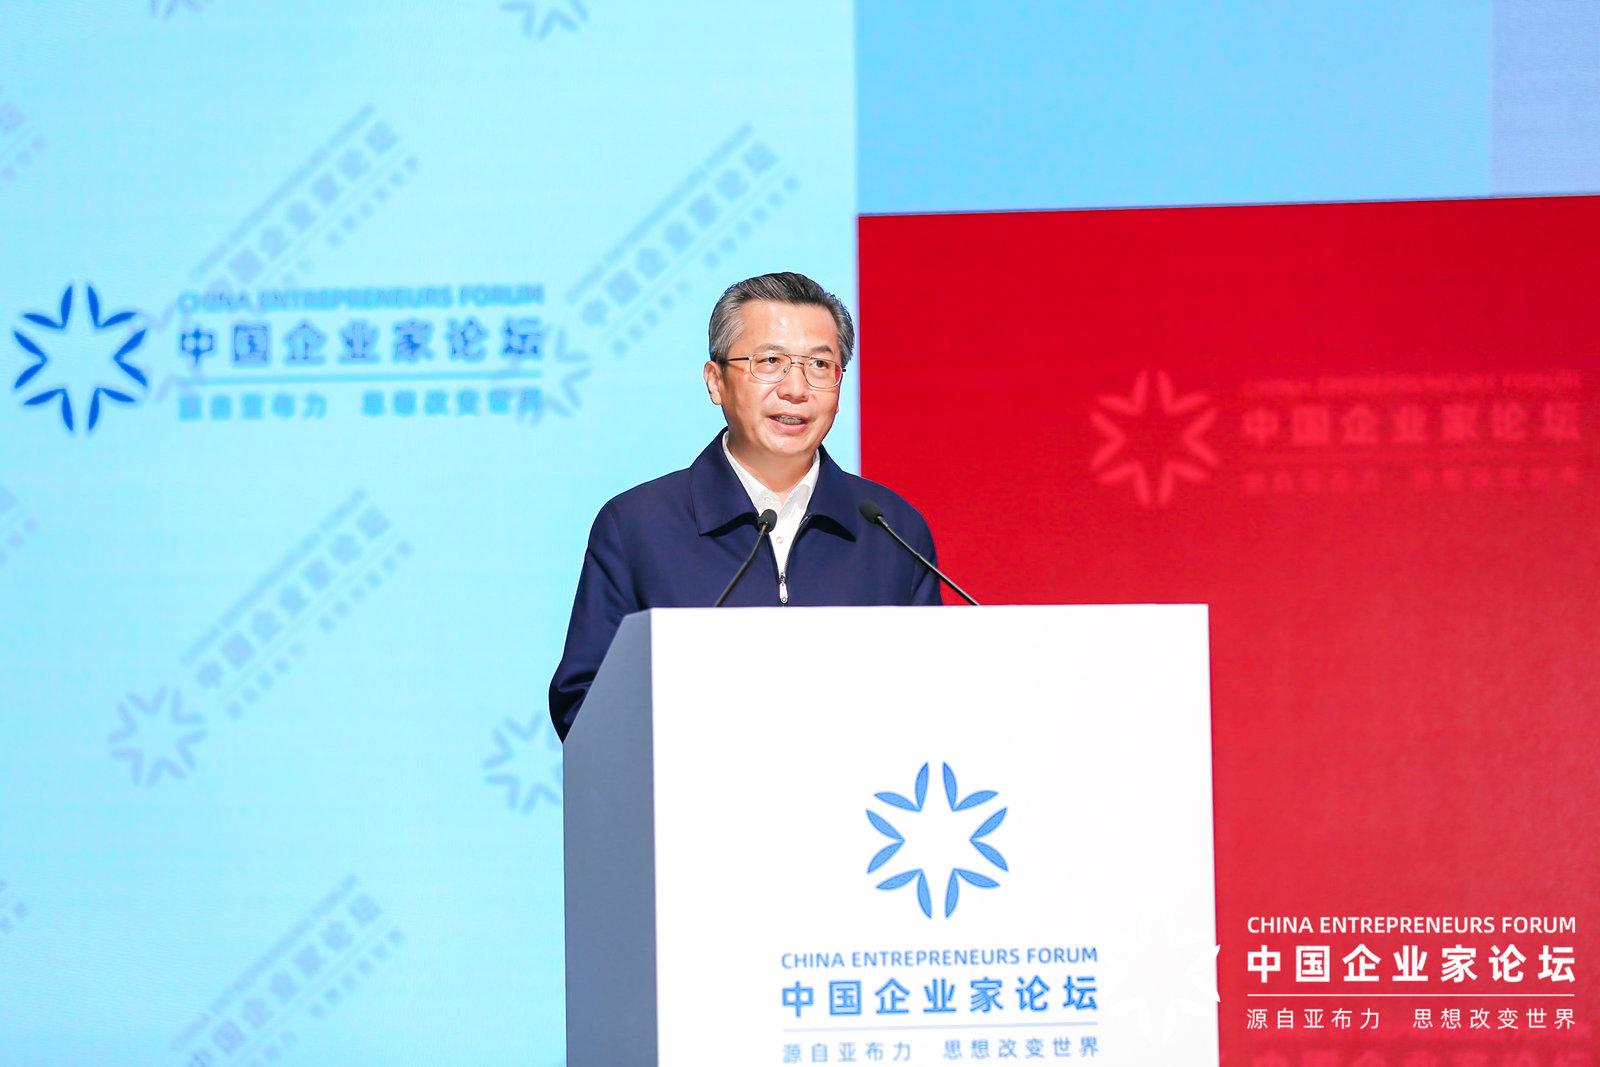 黑龙江副省长王永康:营商环境力争到全国前列 使投资必过山海关